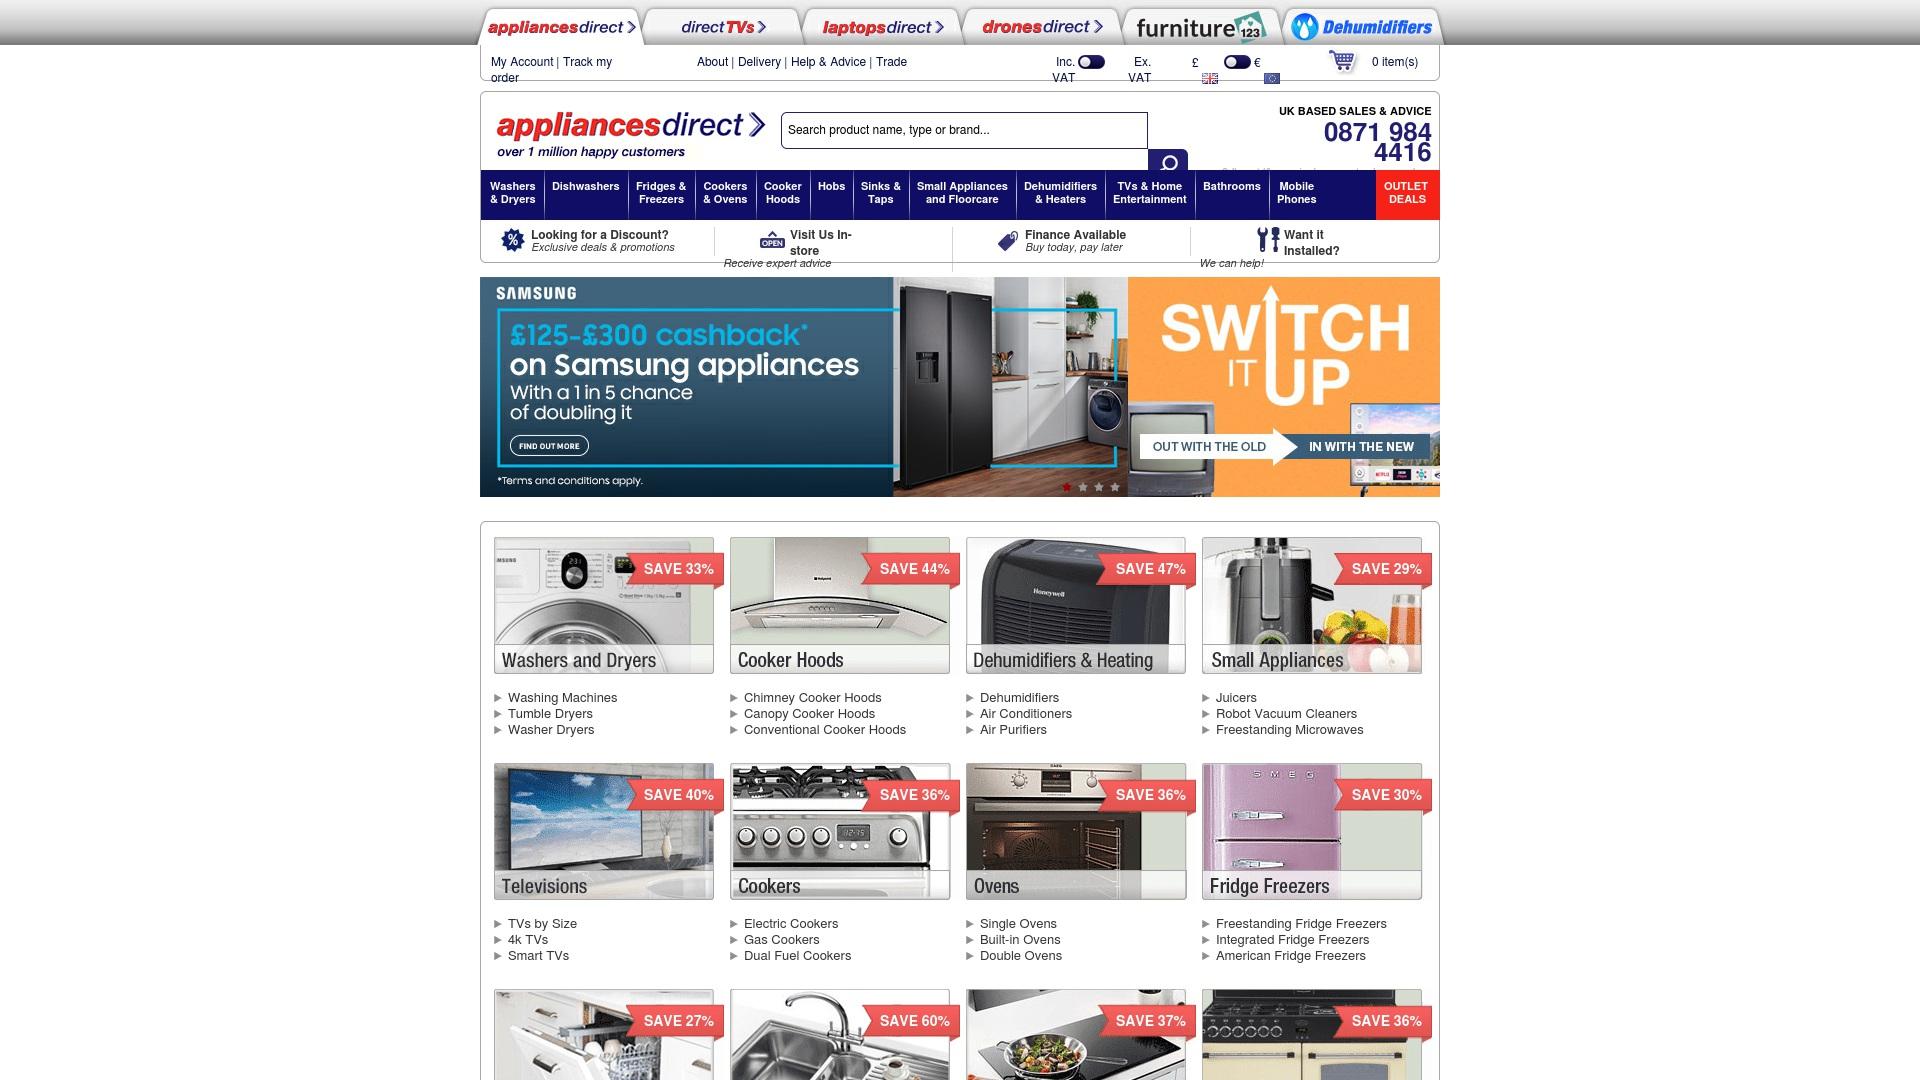 Gutschein für Appliancesdirect: Rabatte für  Appliancesdirect sichern